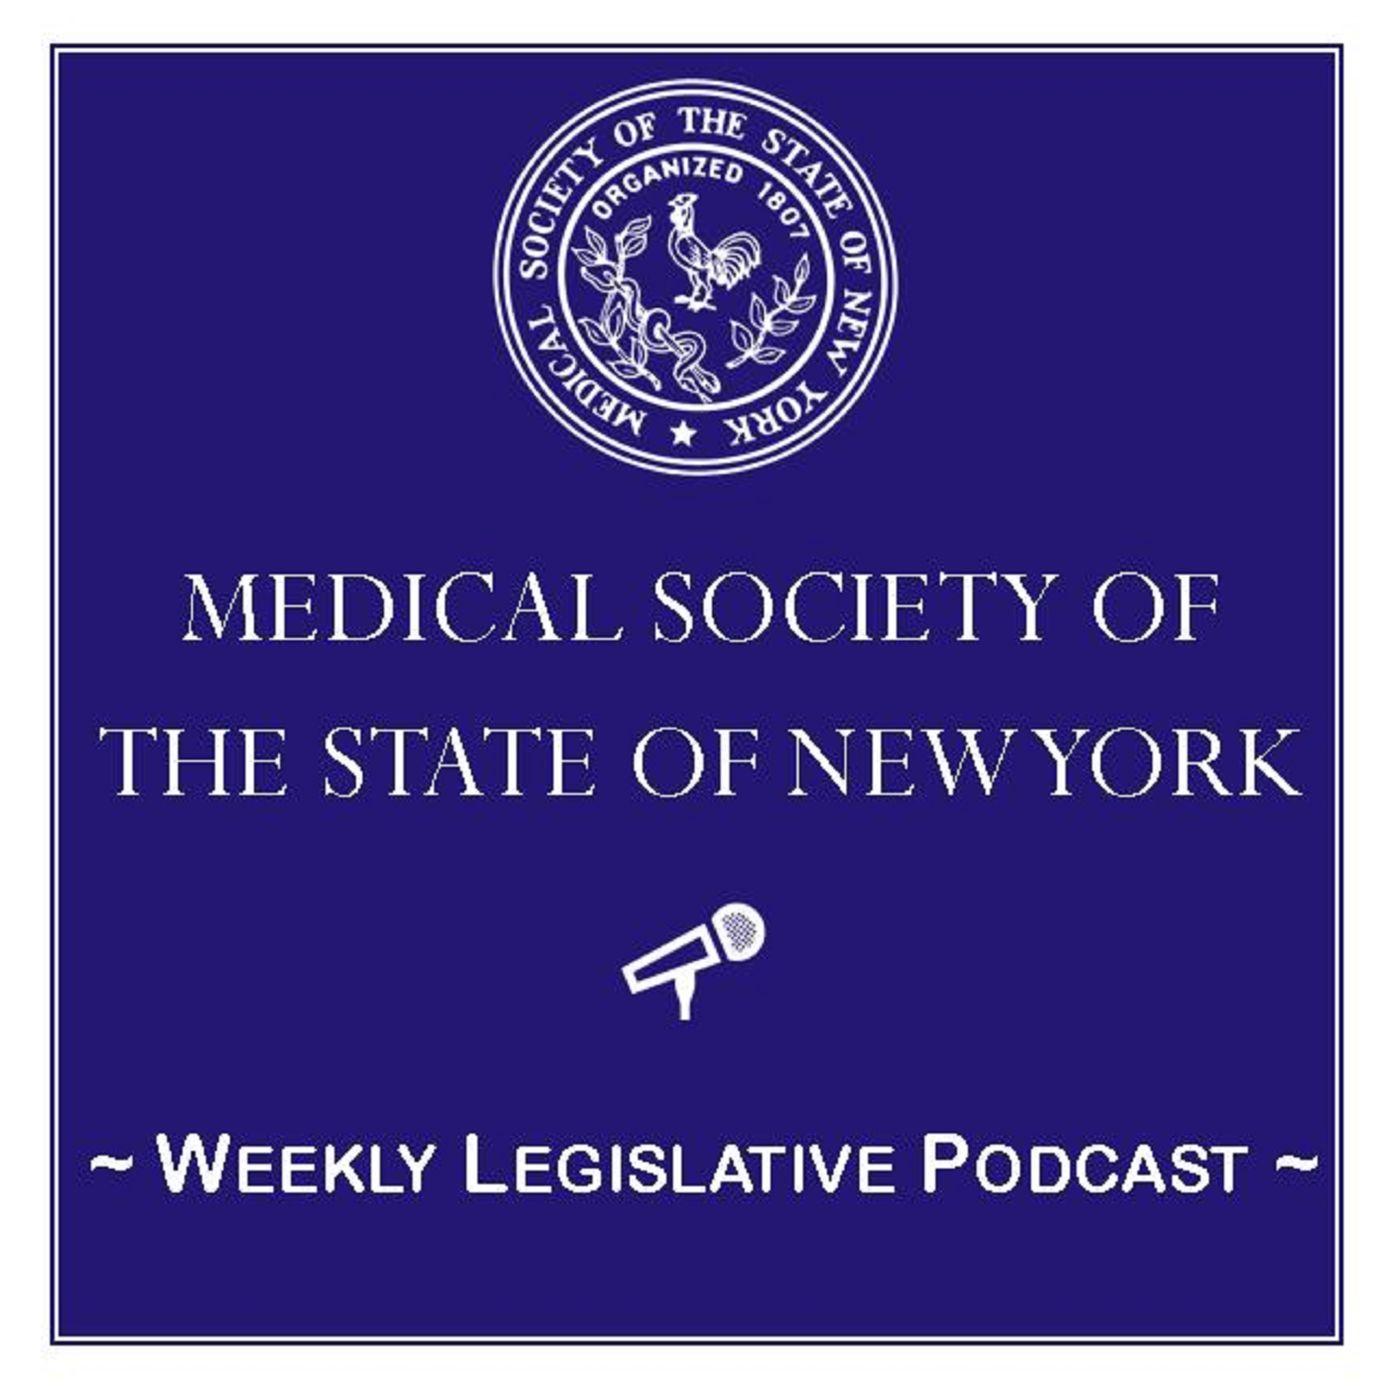 05/31/2019 Weekly Legislative Update